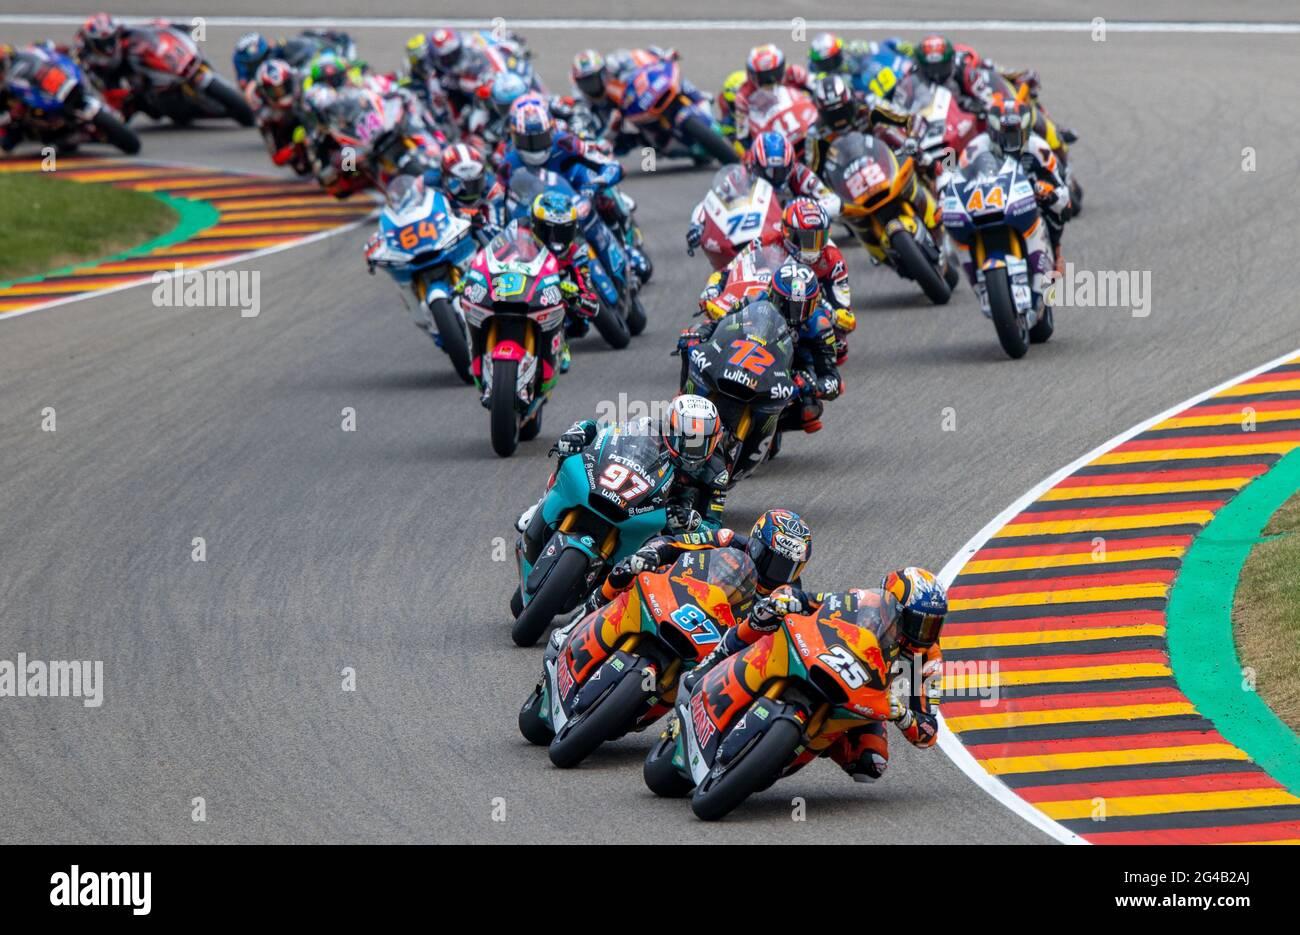 Hohenstein Ernstthal, Germania. 20 Giugno 2021. Motorsport/Moto, Gran Premio di Germania, Moto2 al Sachsenring. Il pilota spagnolo Raul Fernandez guida il campo dopo lo start. Credit: Jens Büttner/dpa-Zentralbild/dpa/Alamy Live News Foto Stock